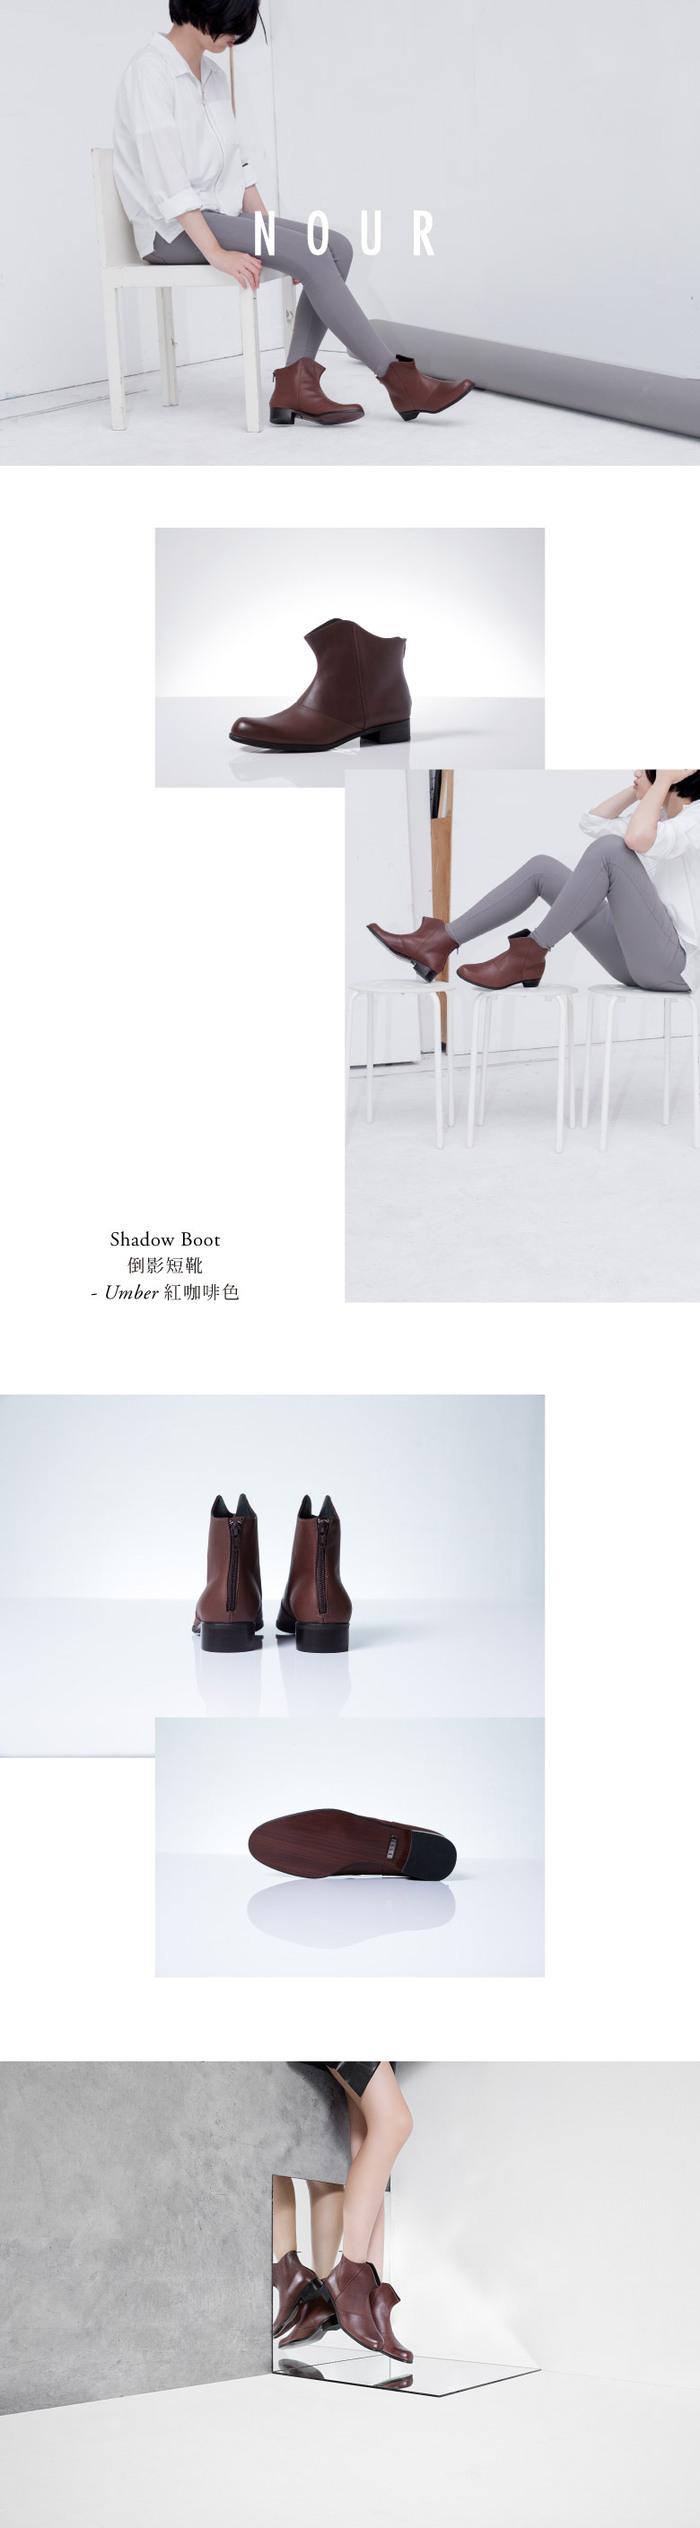 (複製)NOUR|classic 經典款 oxford 全素面牛津鞋-Truffle 黑色